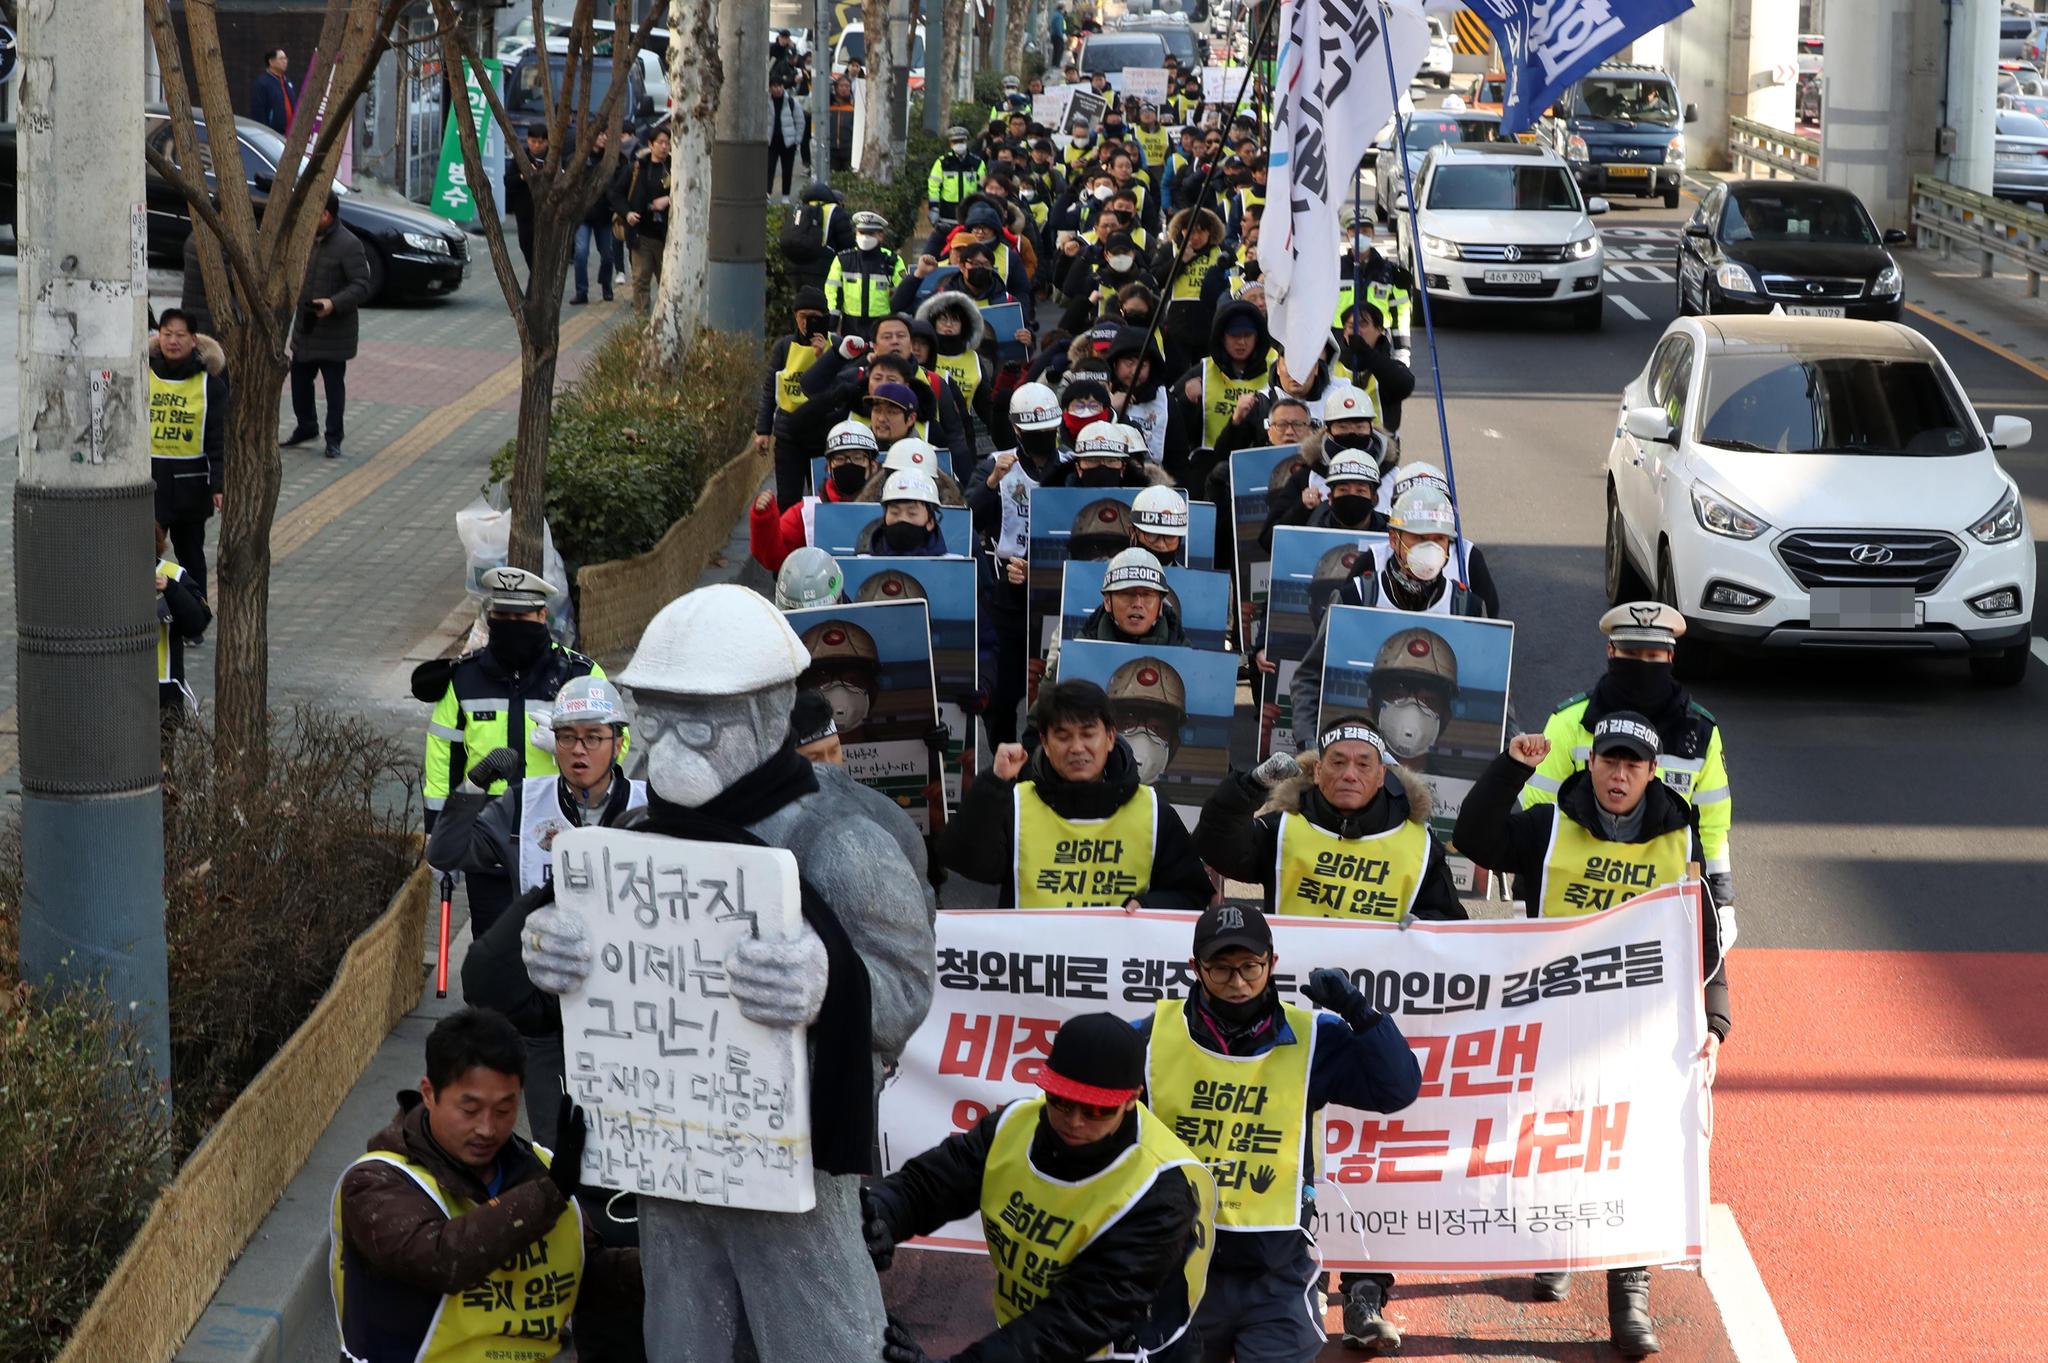 18일 오후 서울 광진구 구의역에서 '청와대로 행진하는 1000인의 김용균들-구의역 김군과 김용균의 만남'을 마친 비정규직 노동자들이 청와대를 향해 행진하고 있다. [뉴시스]